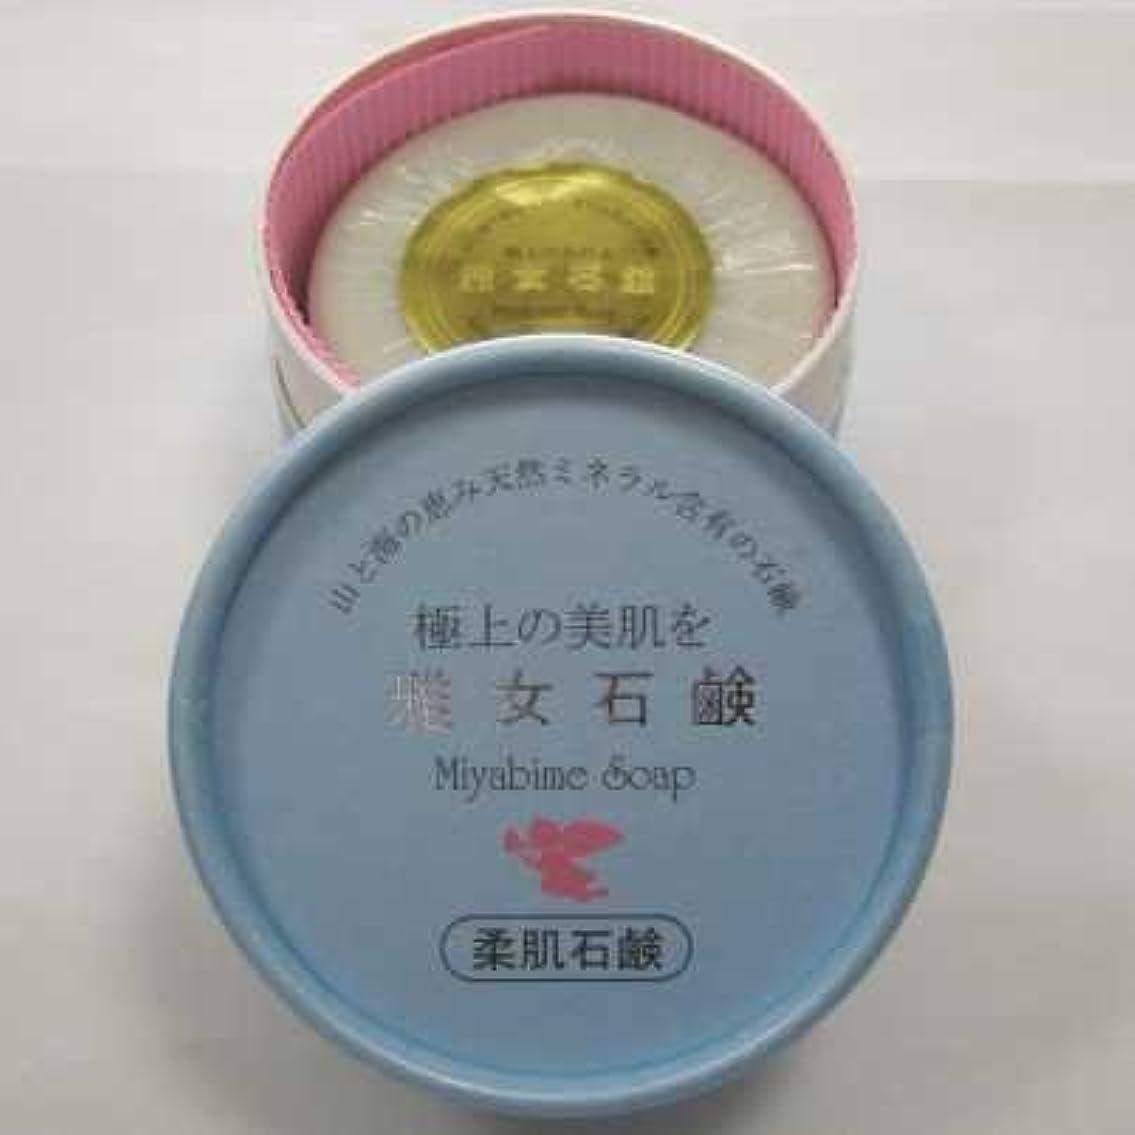 全部エゴマニア買い手雅女石鹸(Miyabime Soap)